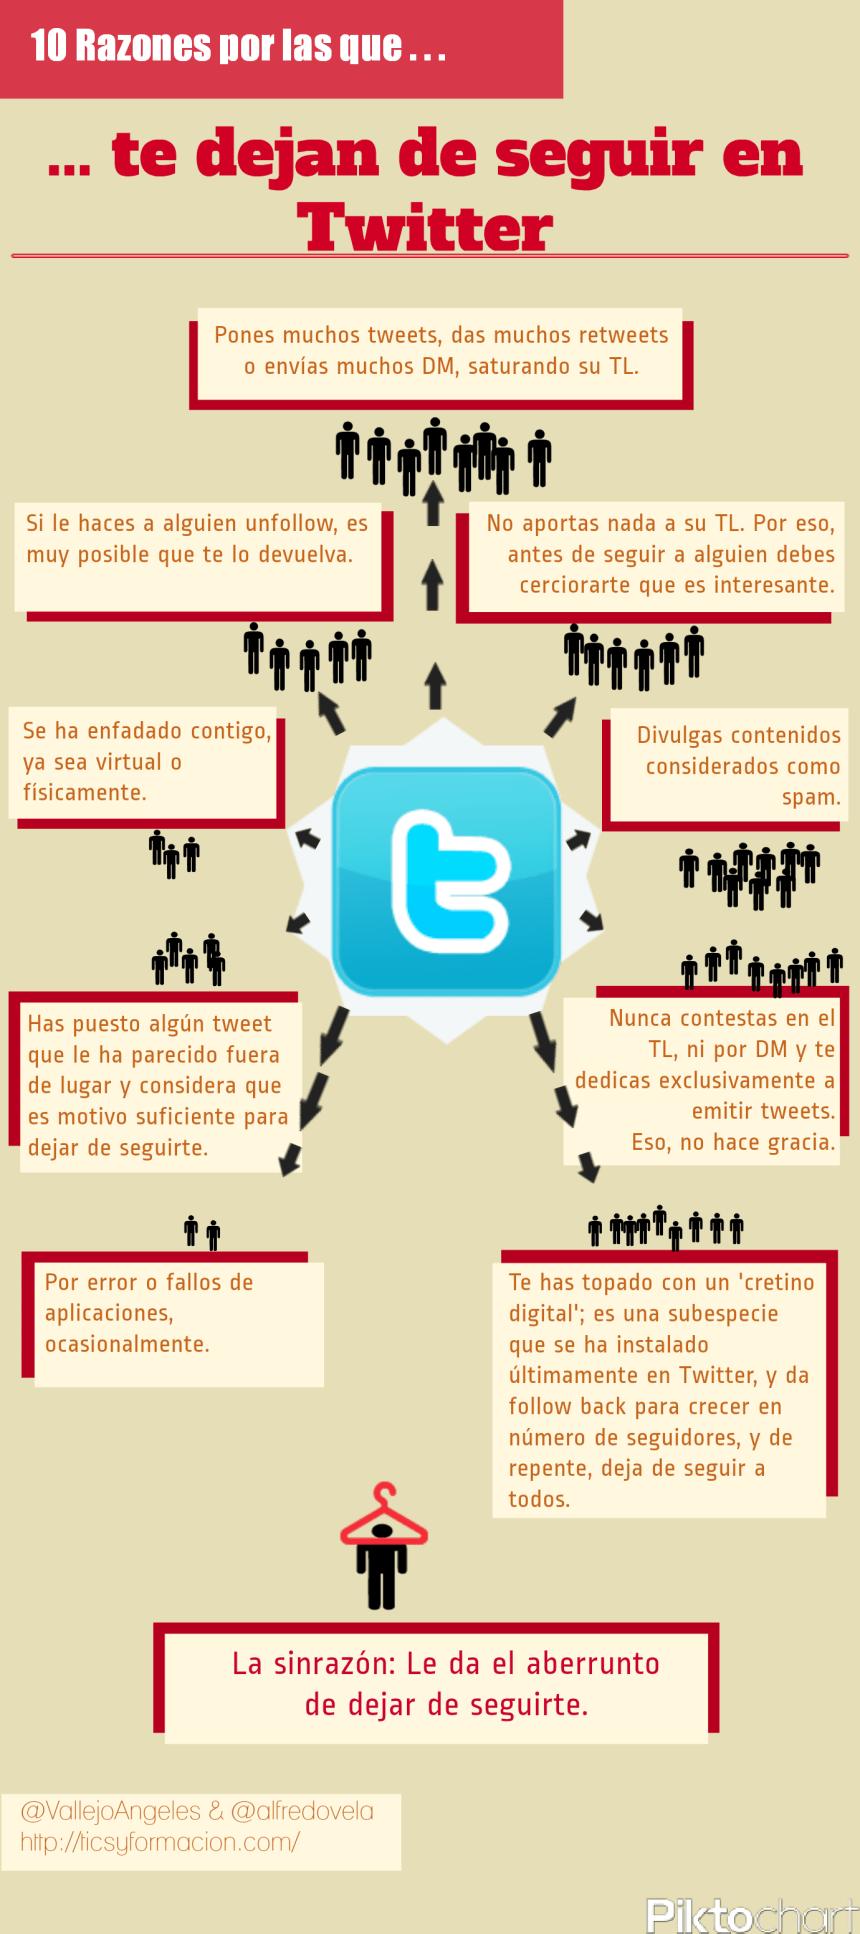 10 razones por las que te dejan de seguir en Twitter